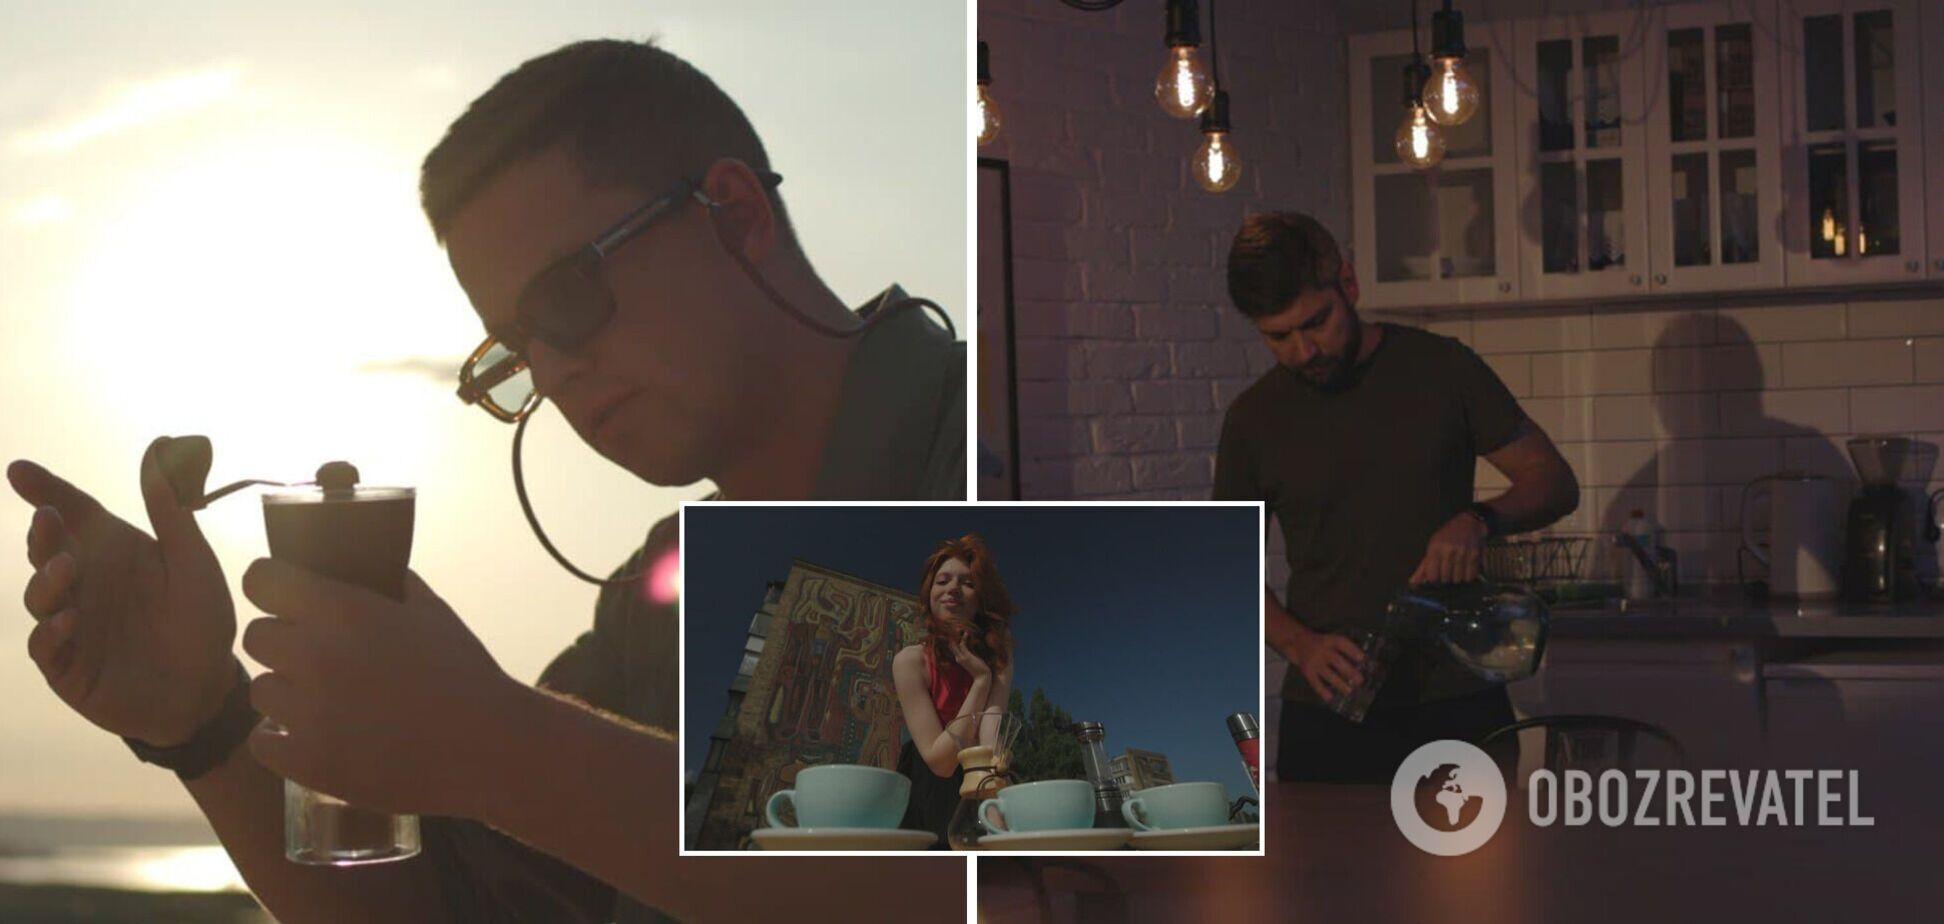 'Фунт Кофе' и AGUNEVSKII выпустили 6 видеоработ о кофе